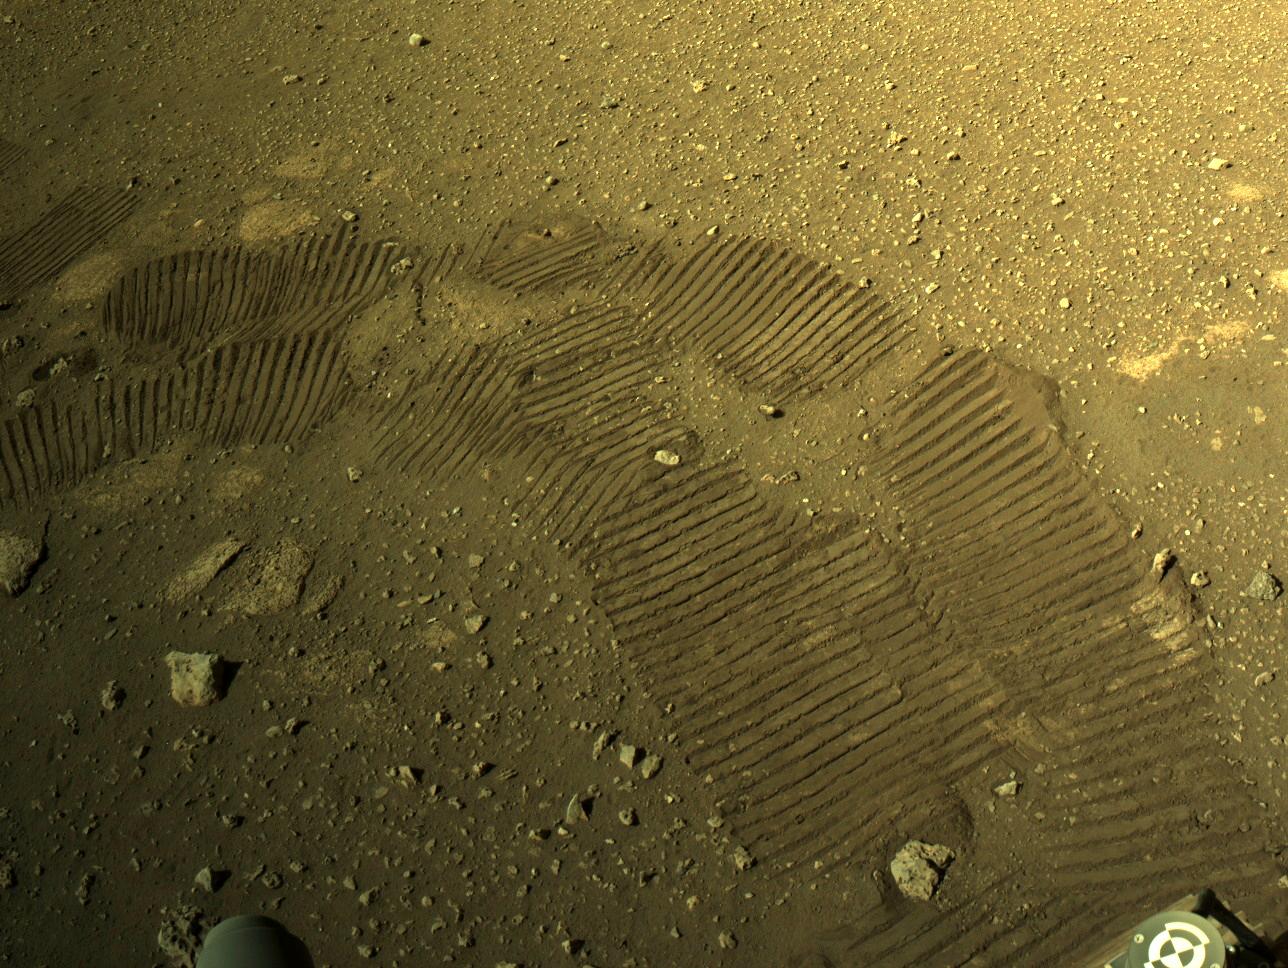 La caméra de navigation droite du rover Perseverance de la NASA (Navcam) a capturé cette image des empreintes martiennes du rover le 5 mars 2021.